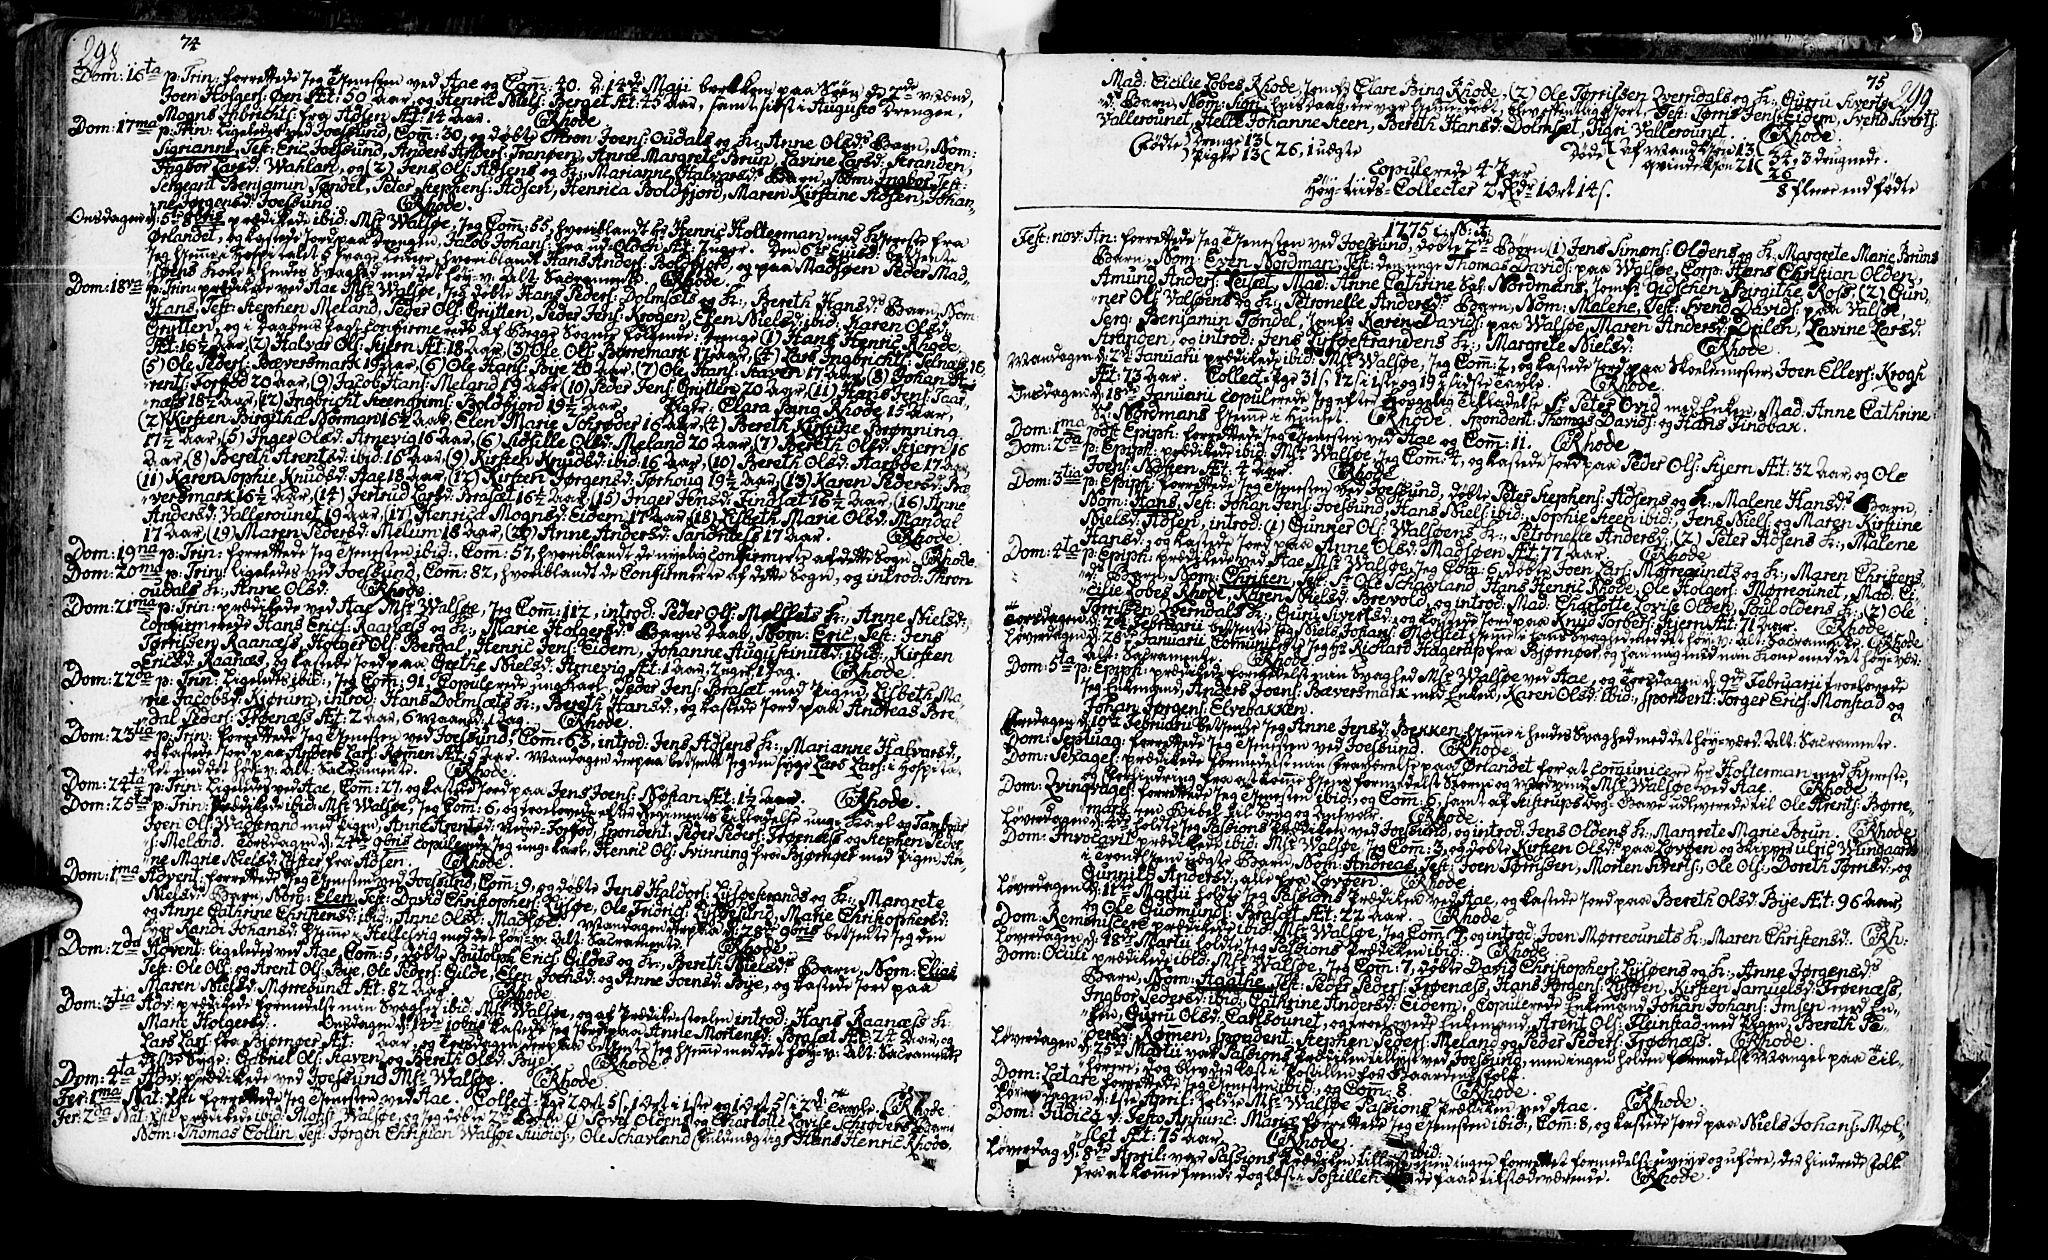 SAT, Ministerialprotokoller, klokkerbøker og fødselsregistre - Sør-Trøndelag, 655/L0672: Ministerialbok nr. 655A01, 1750-1779, s. 298-299